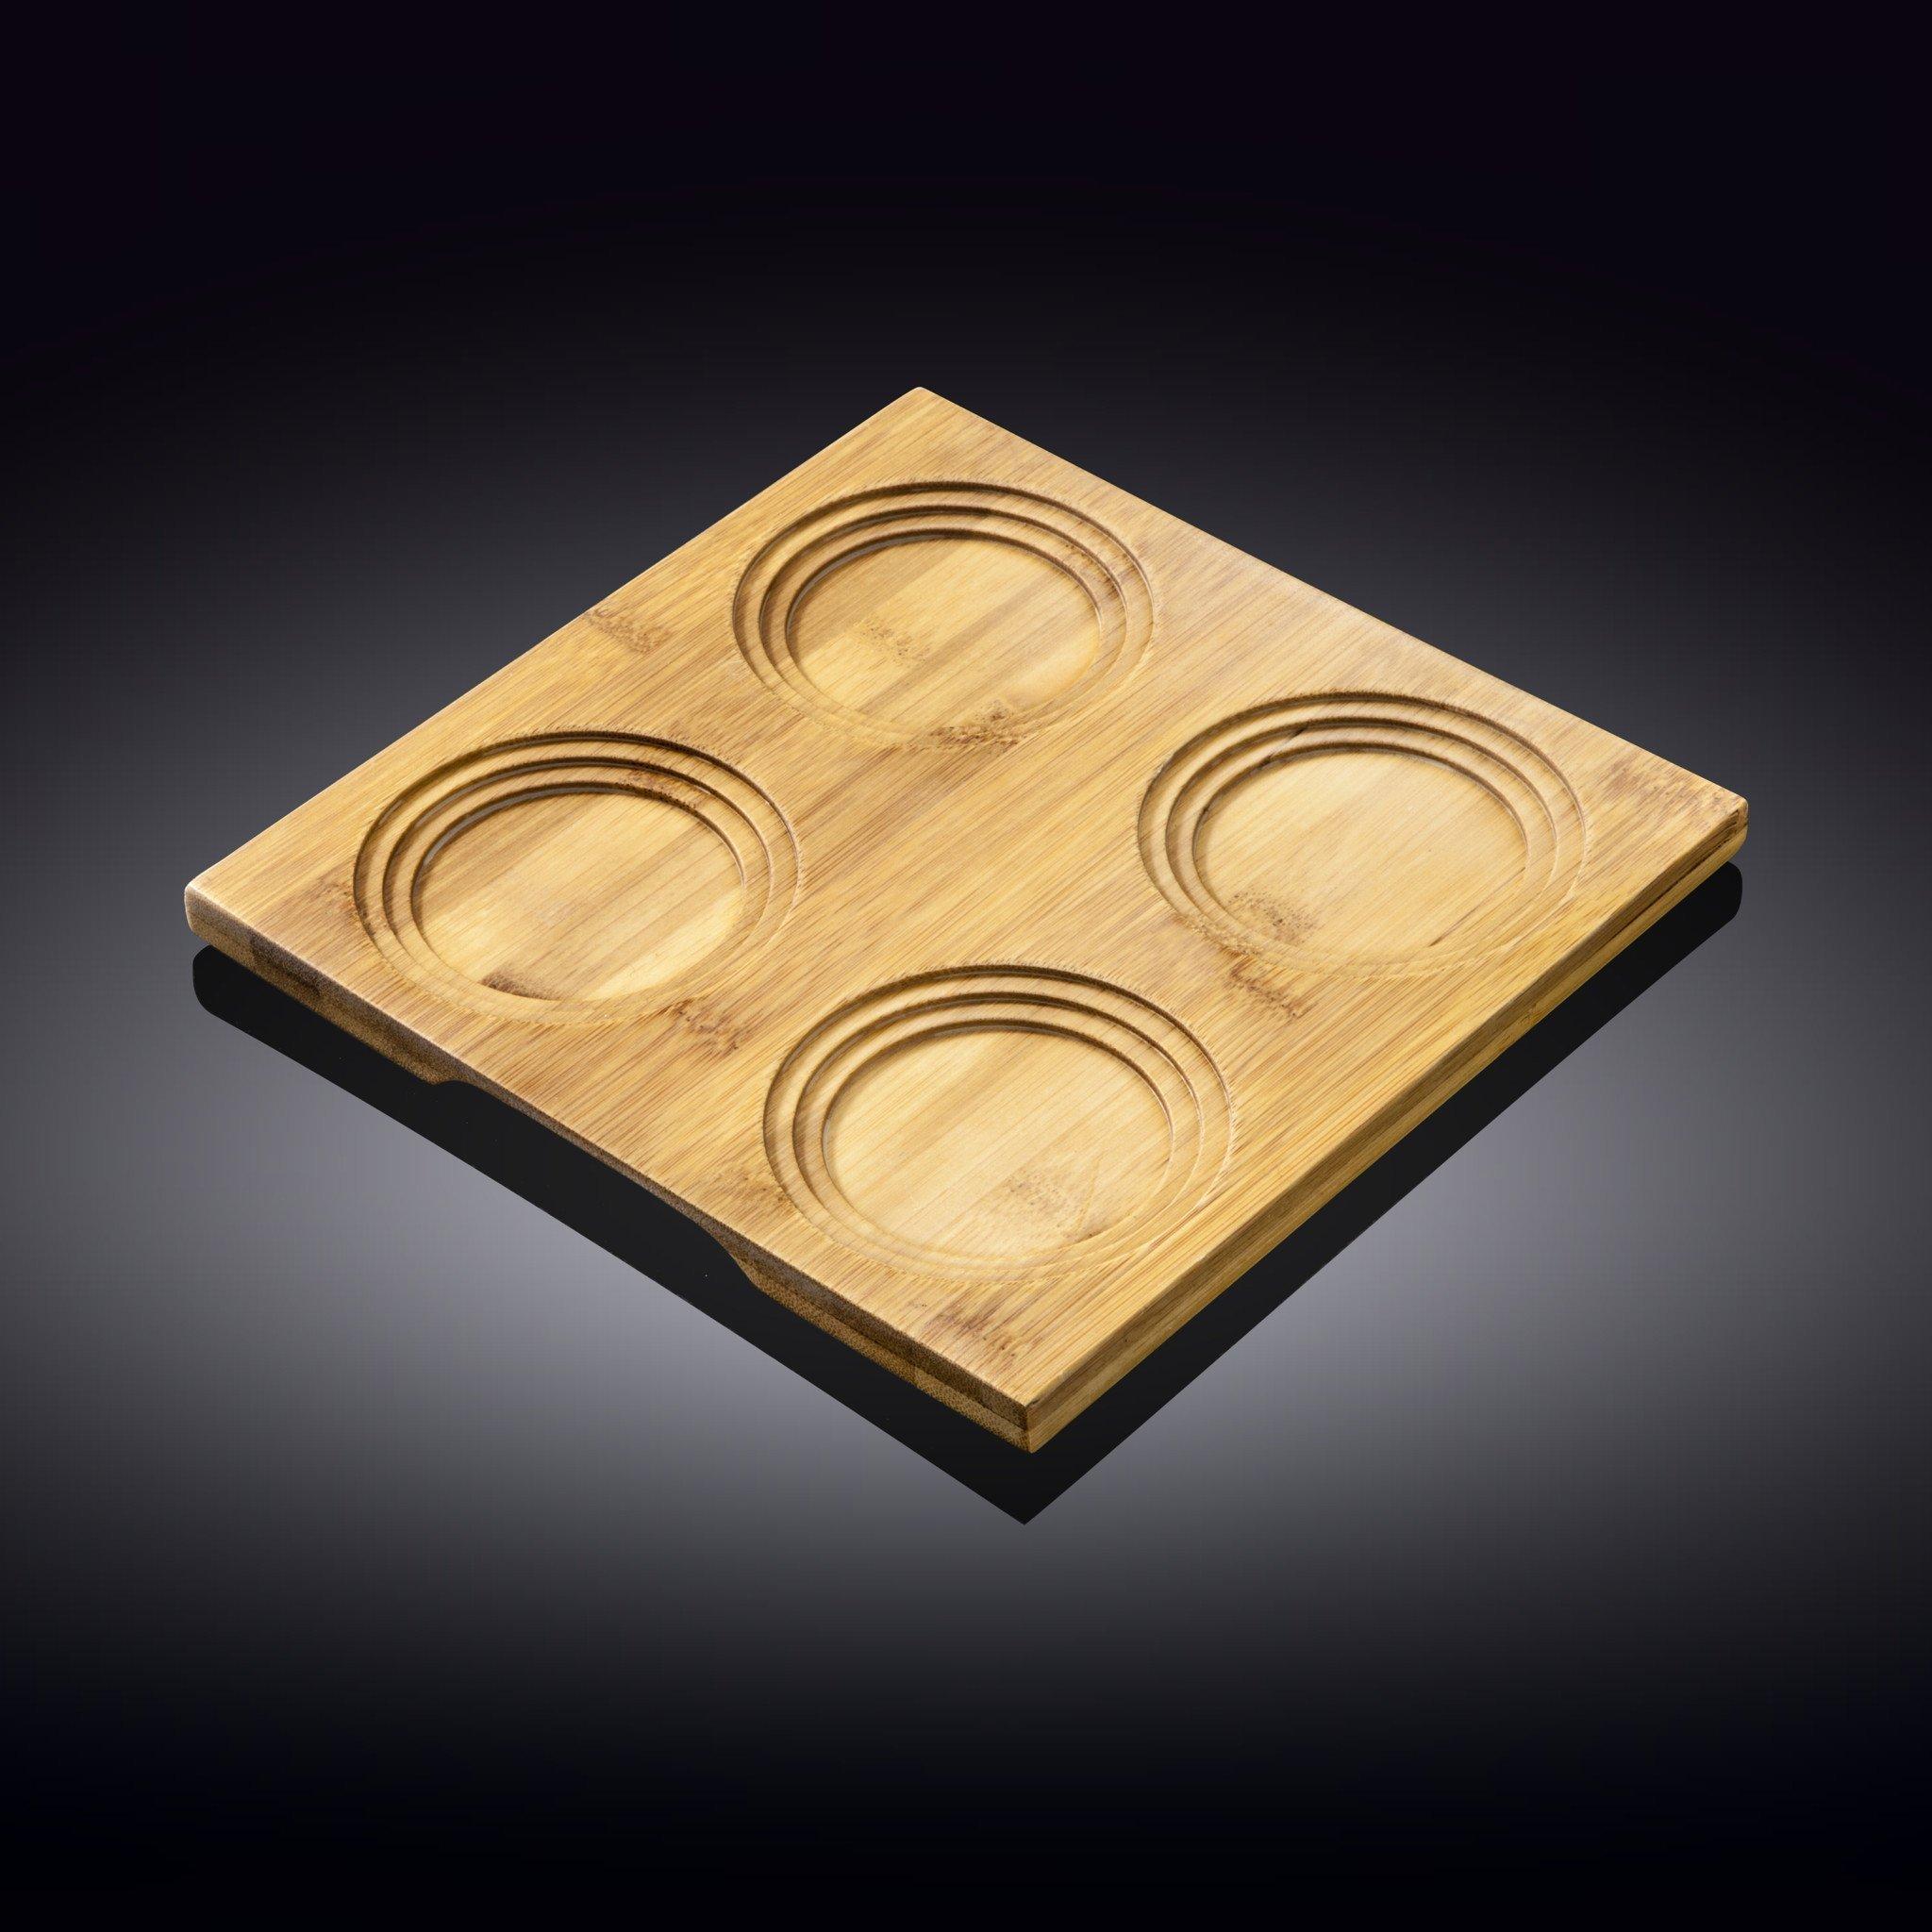 Поднос бамбуковый Wilmax 4 секции, 20 x 20 см